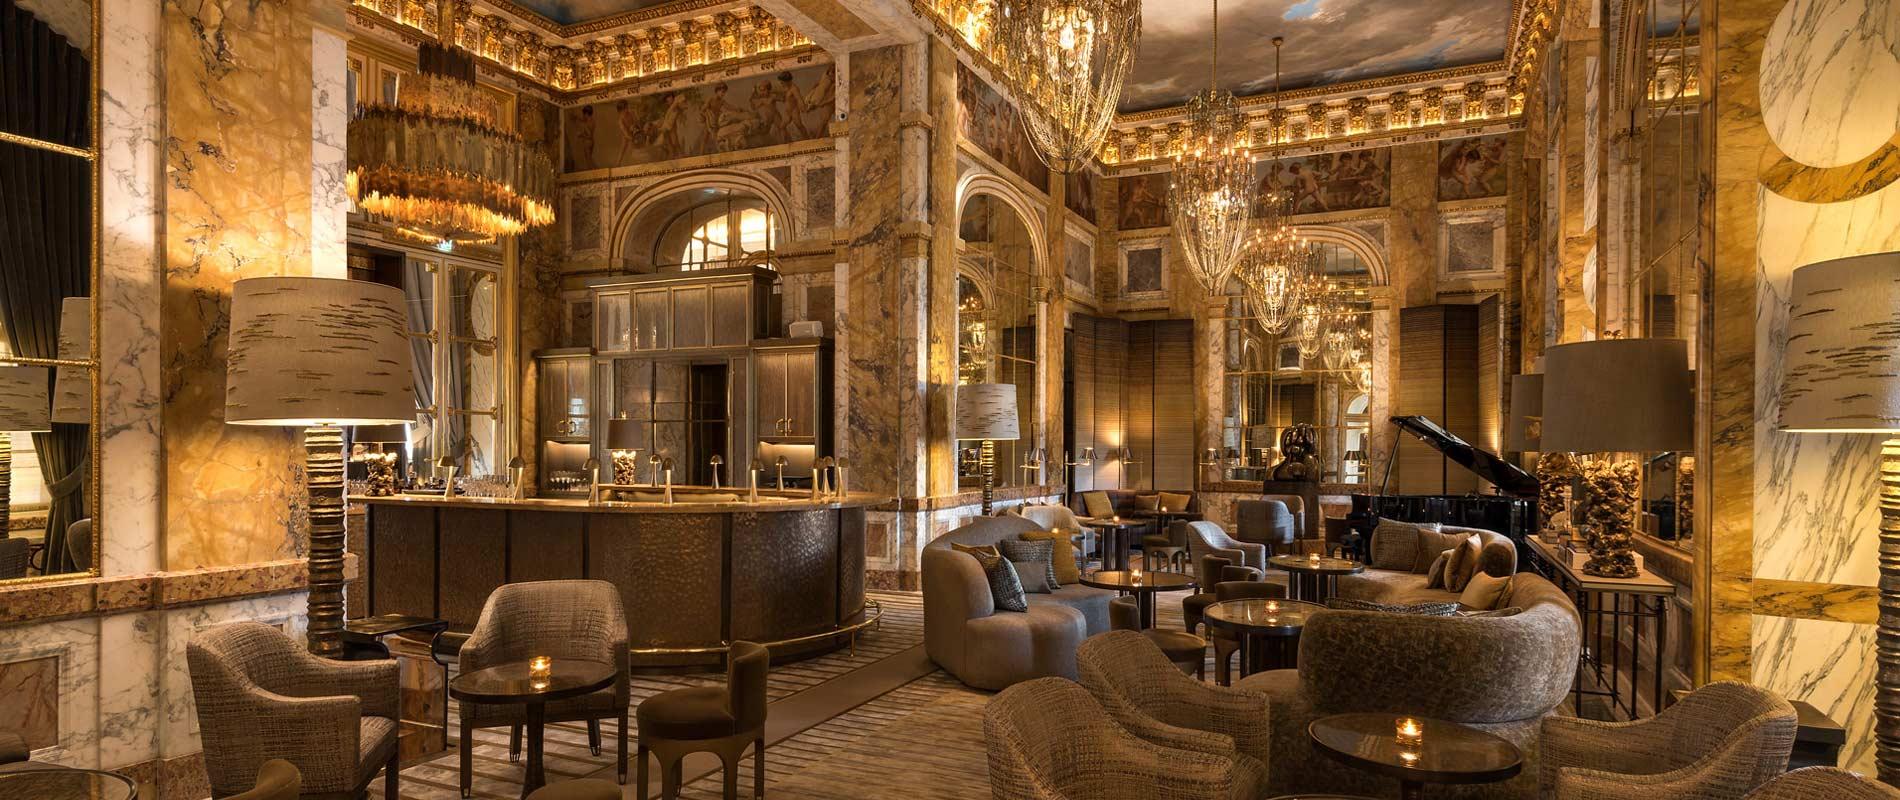 Affluency, Unique by Design - Hôtel de Crillon, Paris - A Timeless Taste of Grace and Grandeur